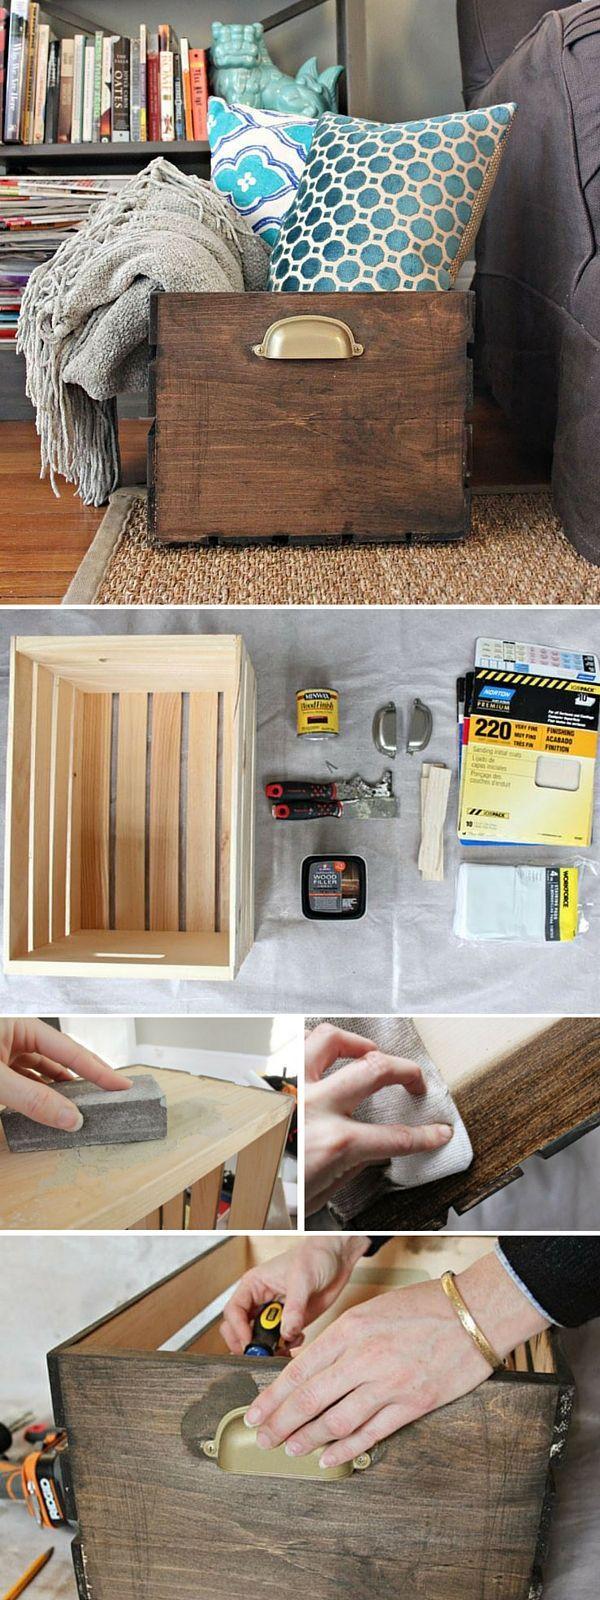 Wohnung renovieren in den Ferien mit coolen DIY Ideen *** Check out the tutorial: #DIY Storage Crate #crafts #rustic #homedecor